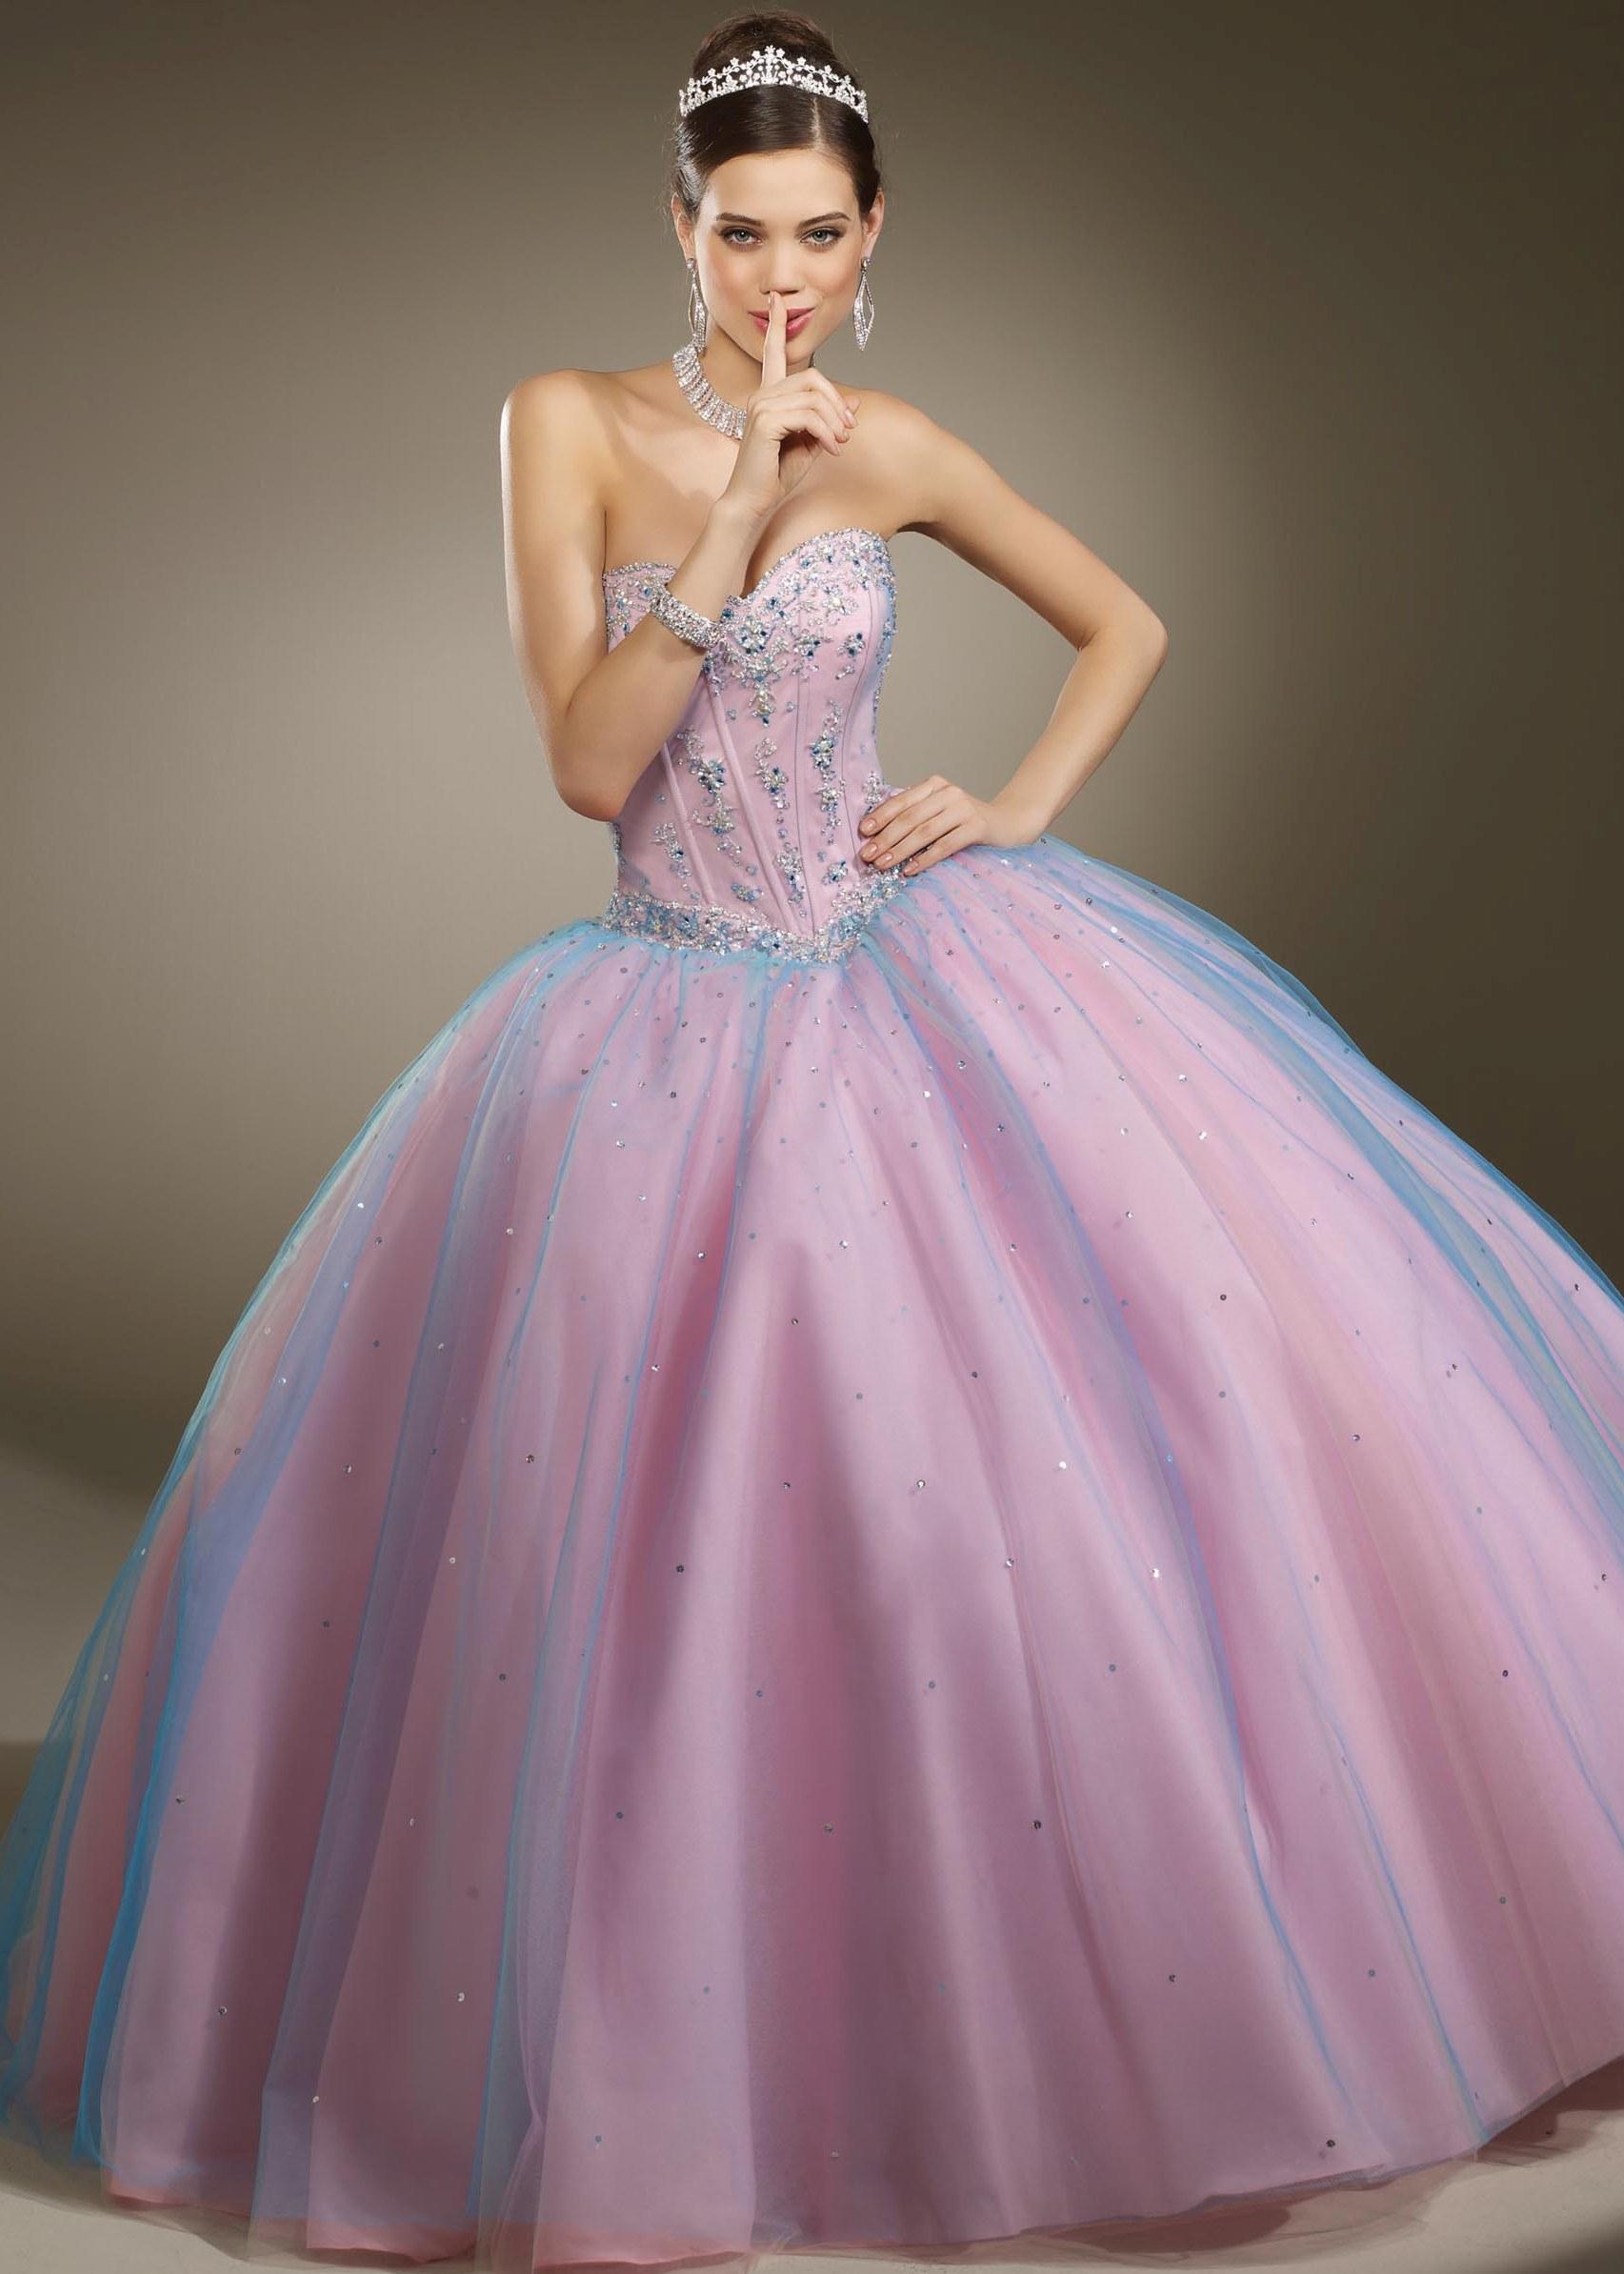 Fantastisch Poofy Prom Kleid Galerie - Brautkleider Ideen - cashingy ...